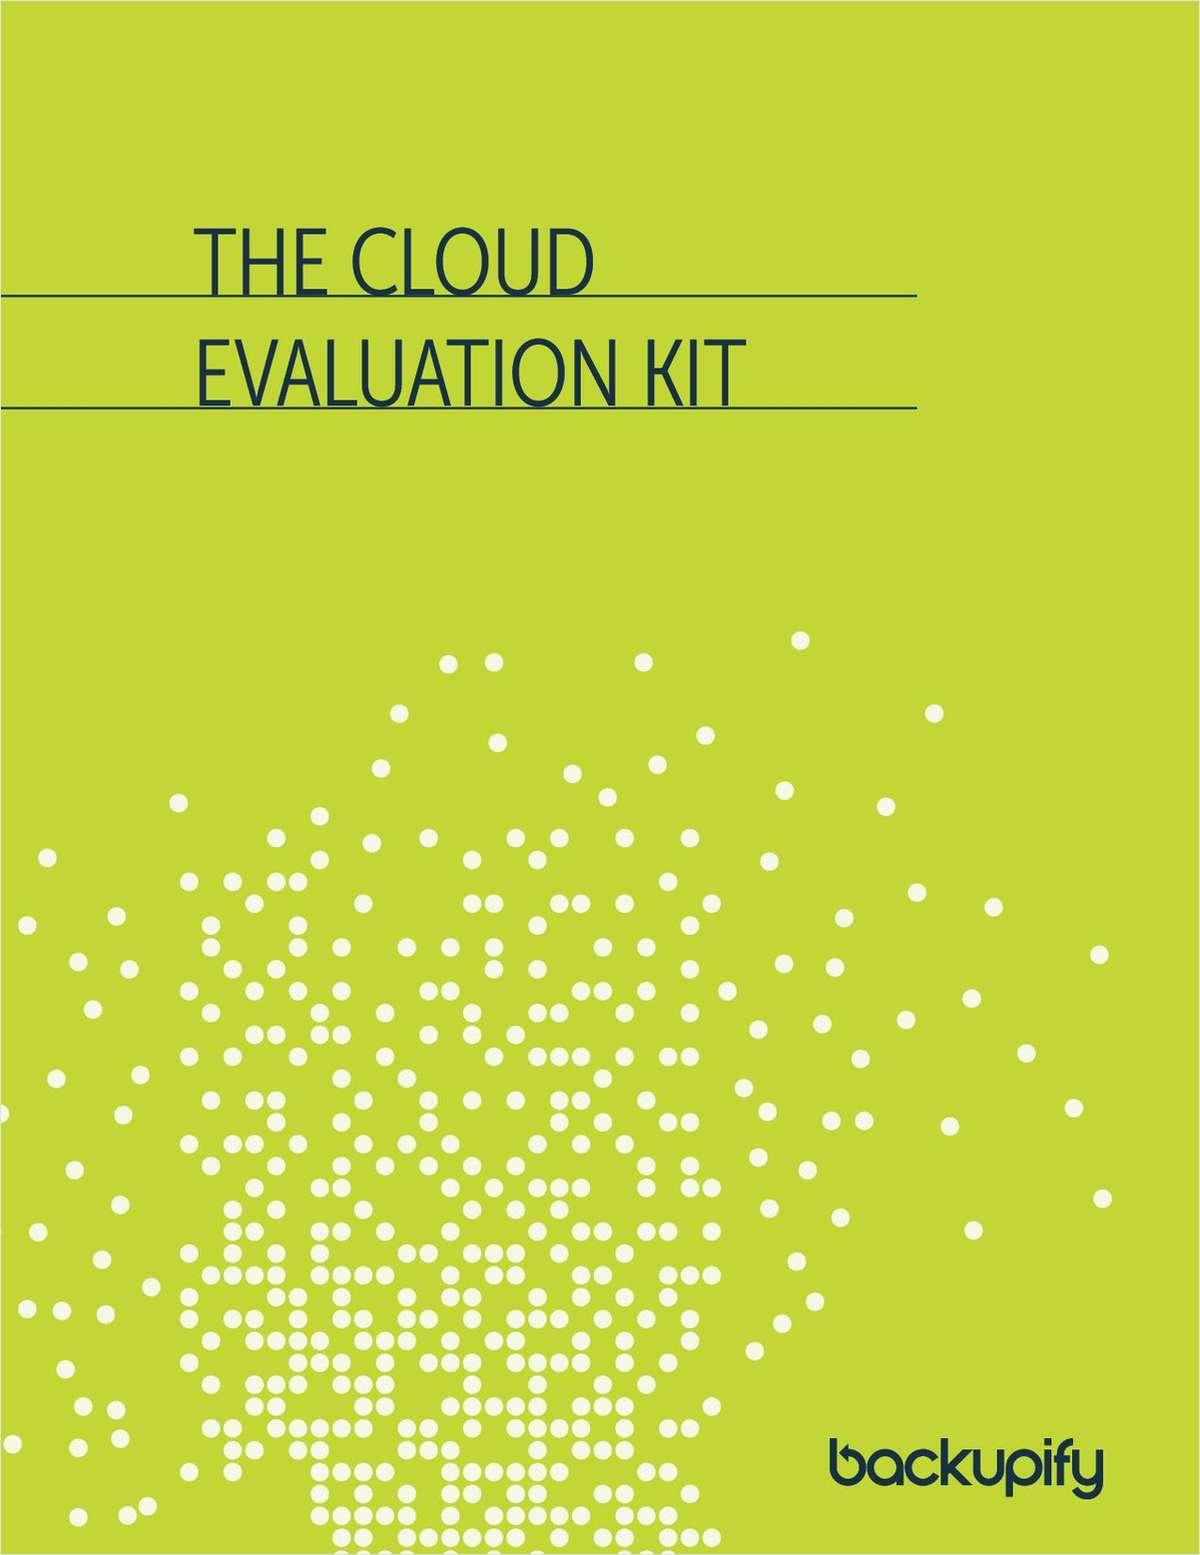 The Cloud Vendor Evaluation Kit